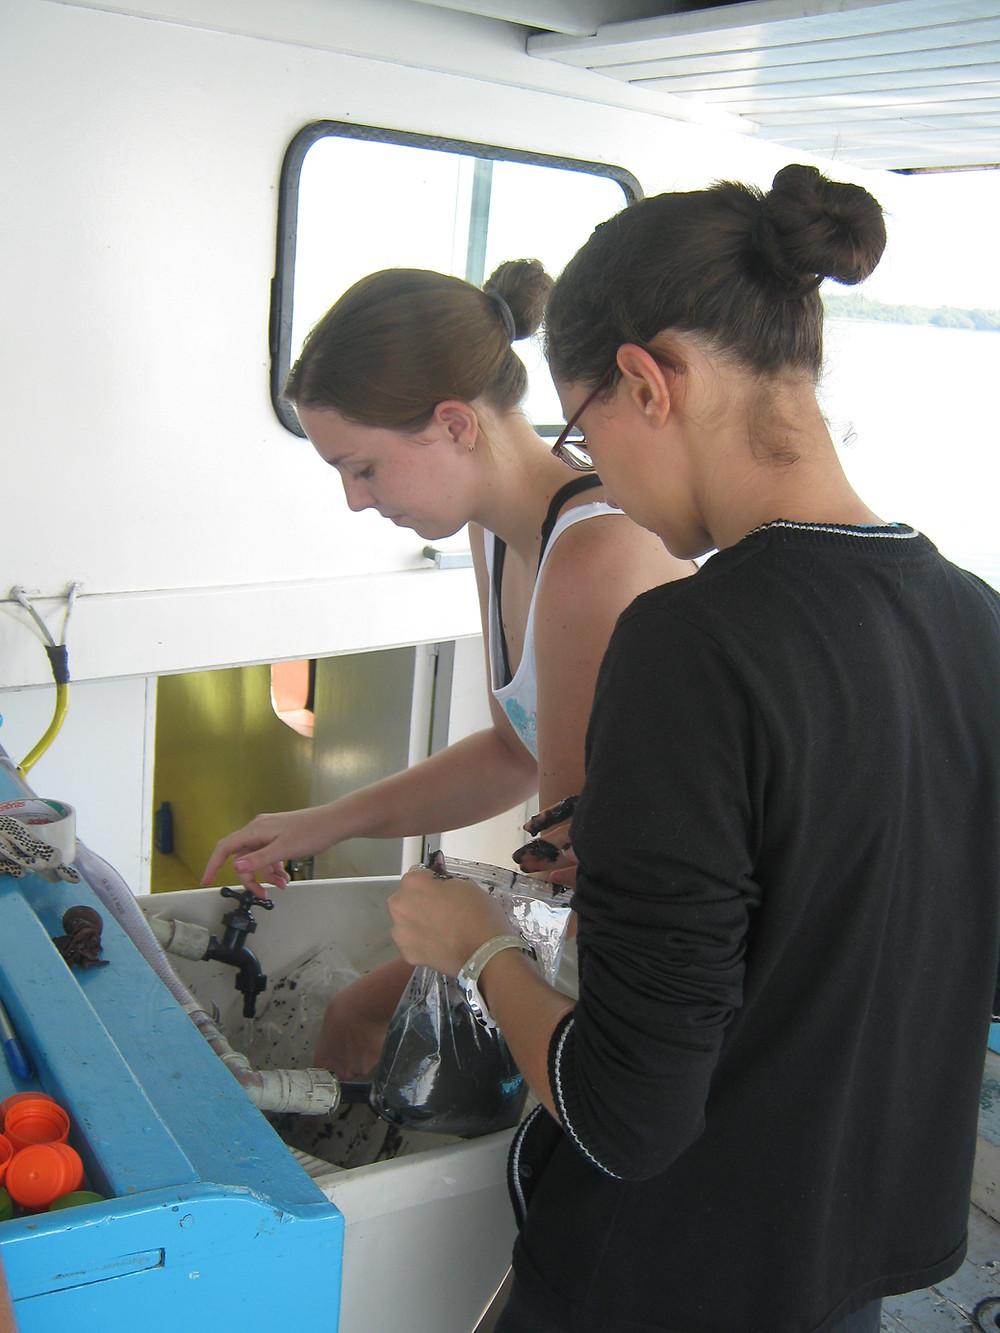 A foto mostra a autora Iara Scricco e sua amiga Carla Elliff lavando materiais de coleta científica em uma pia de um barco. Ambas estão com o cabelo preso em coque. Carla está com uma regata branca e Iara com um casaco preto, segurando um saco ziplock com sedimento